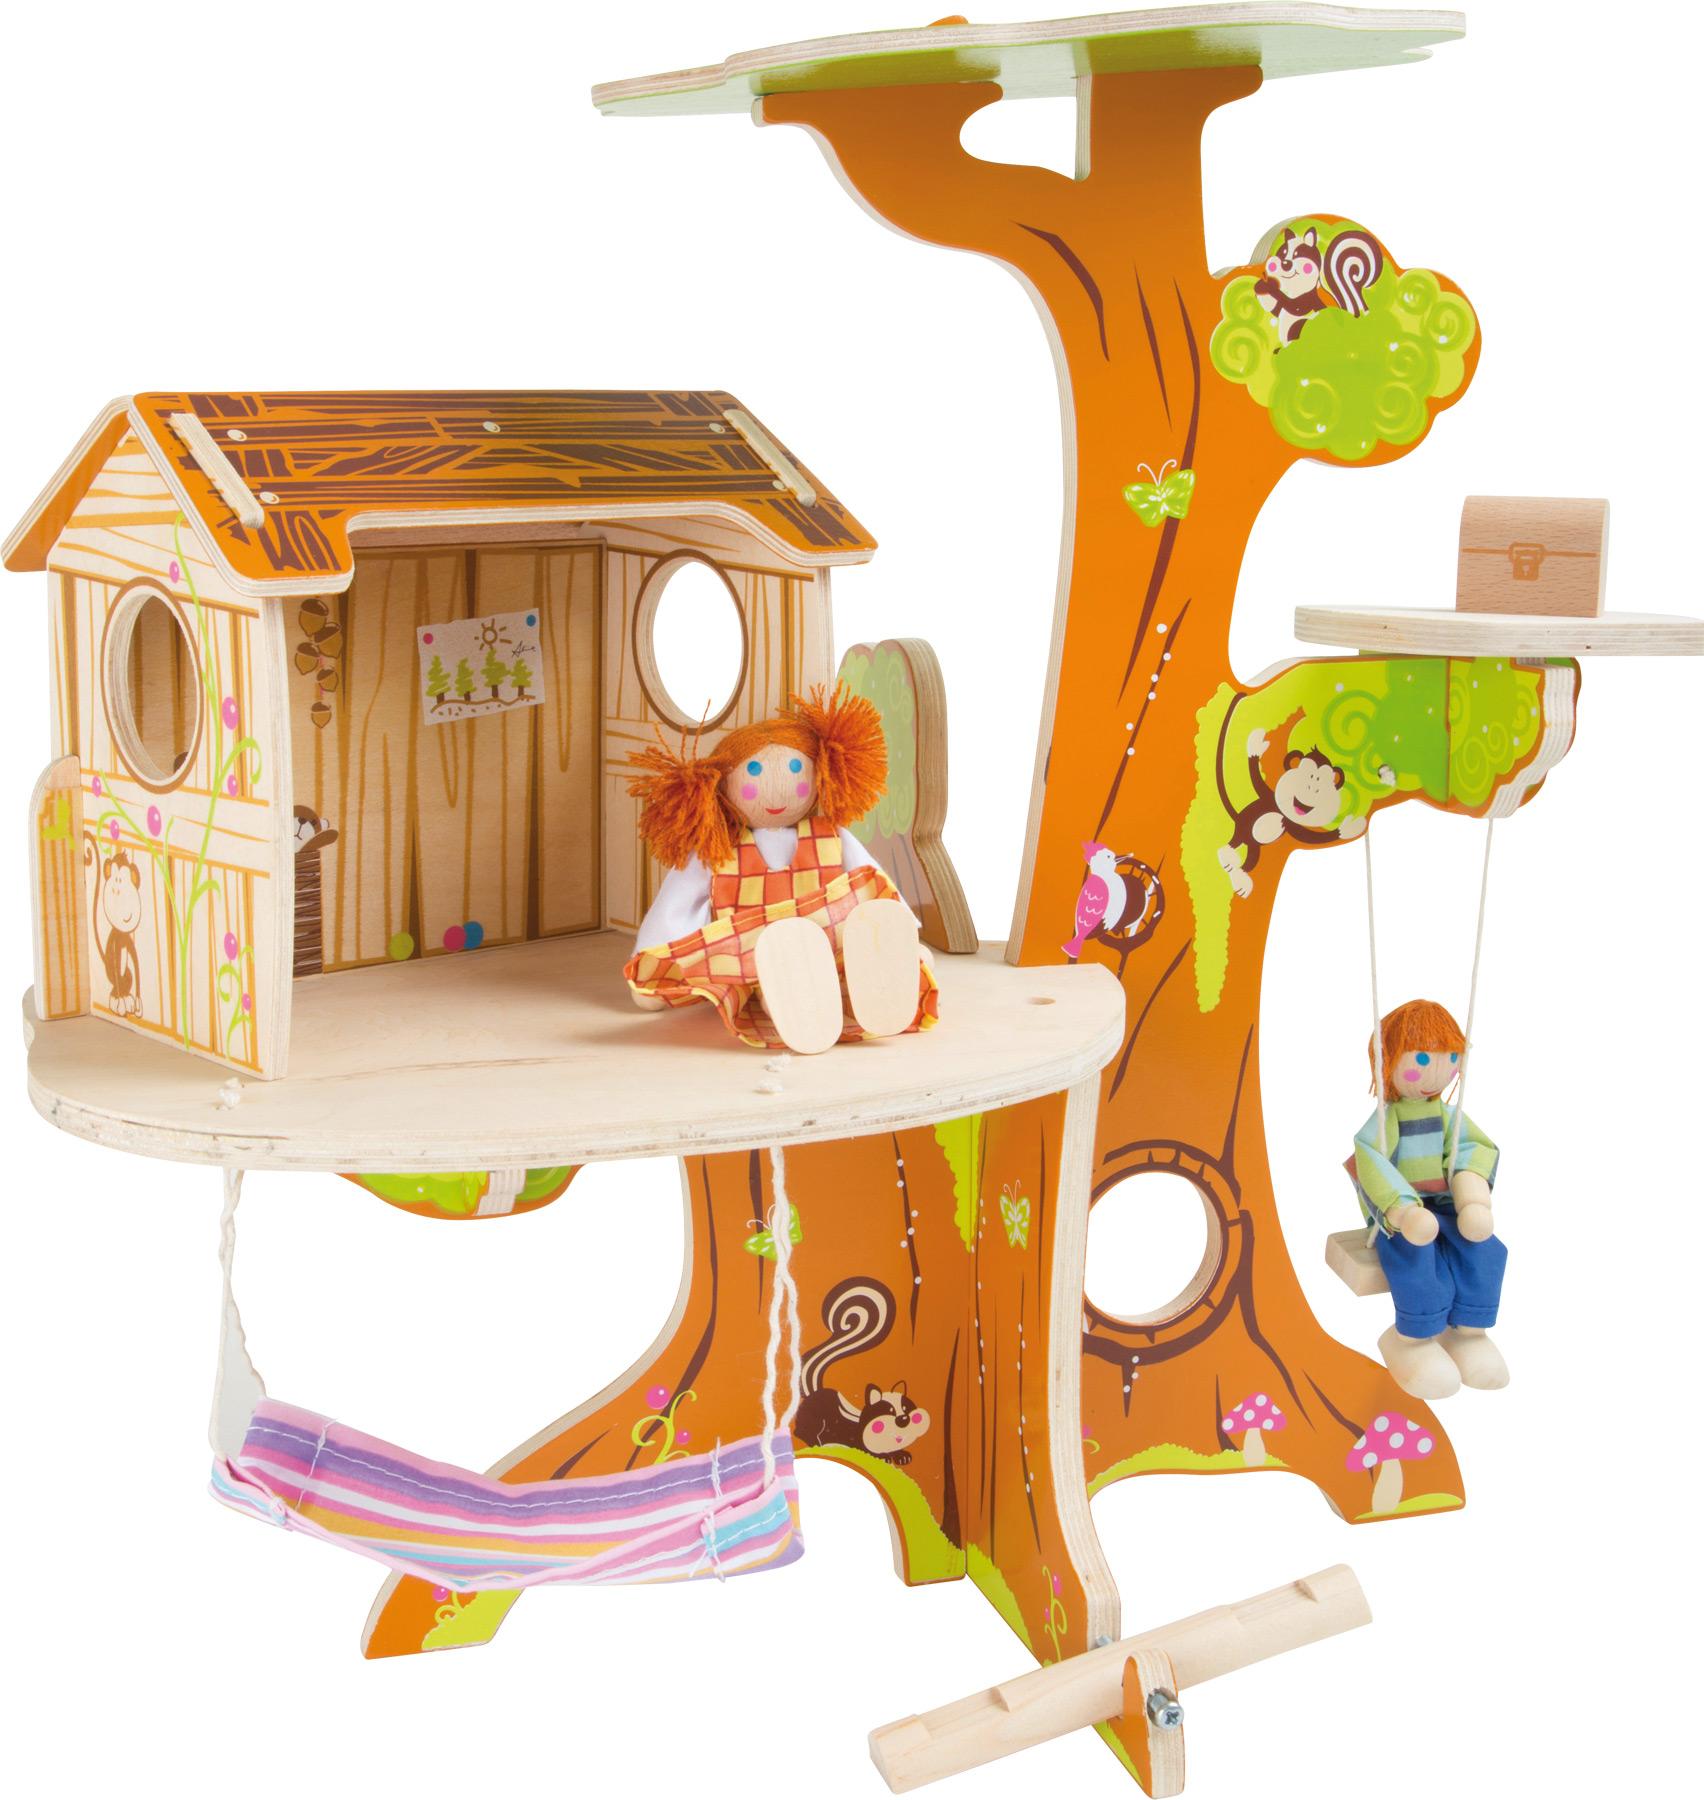 Casa sull'albero incl. bambole pieghevoli